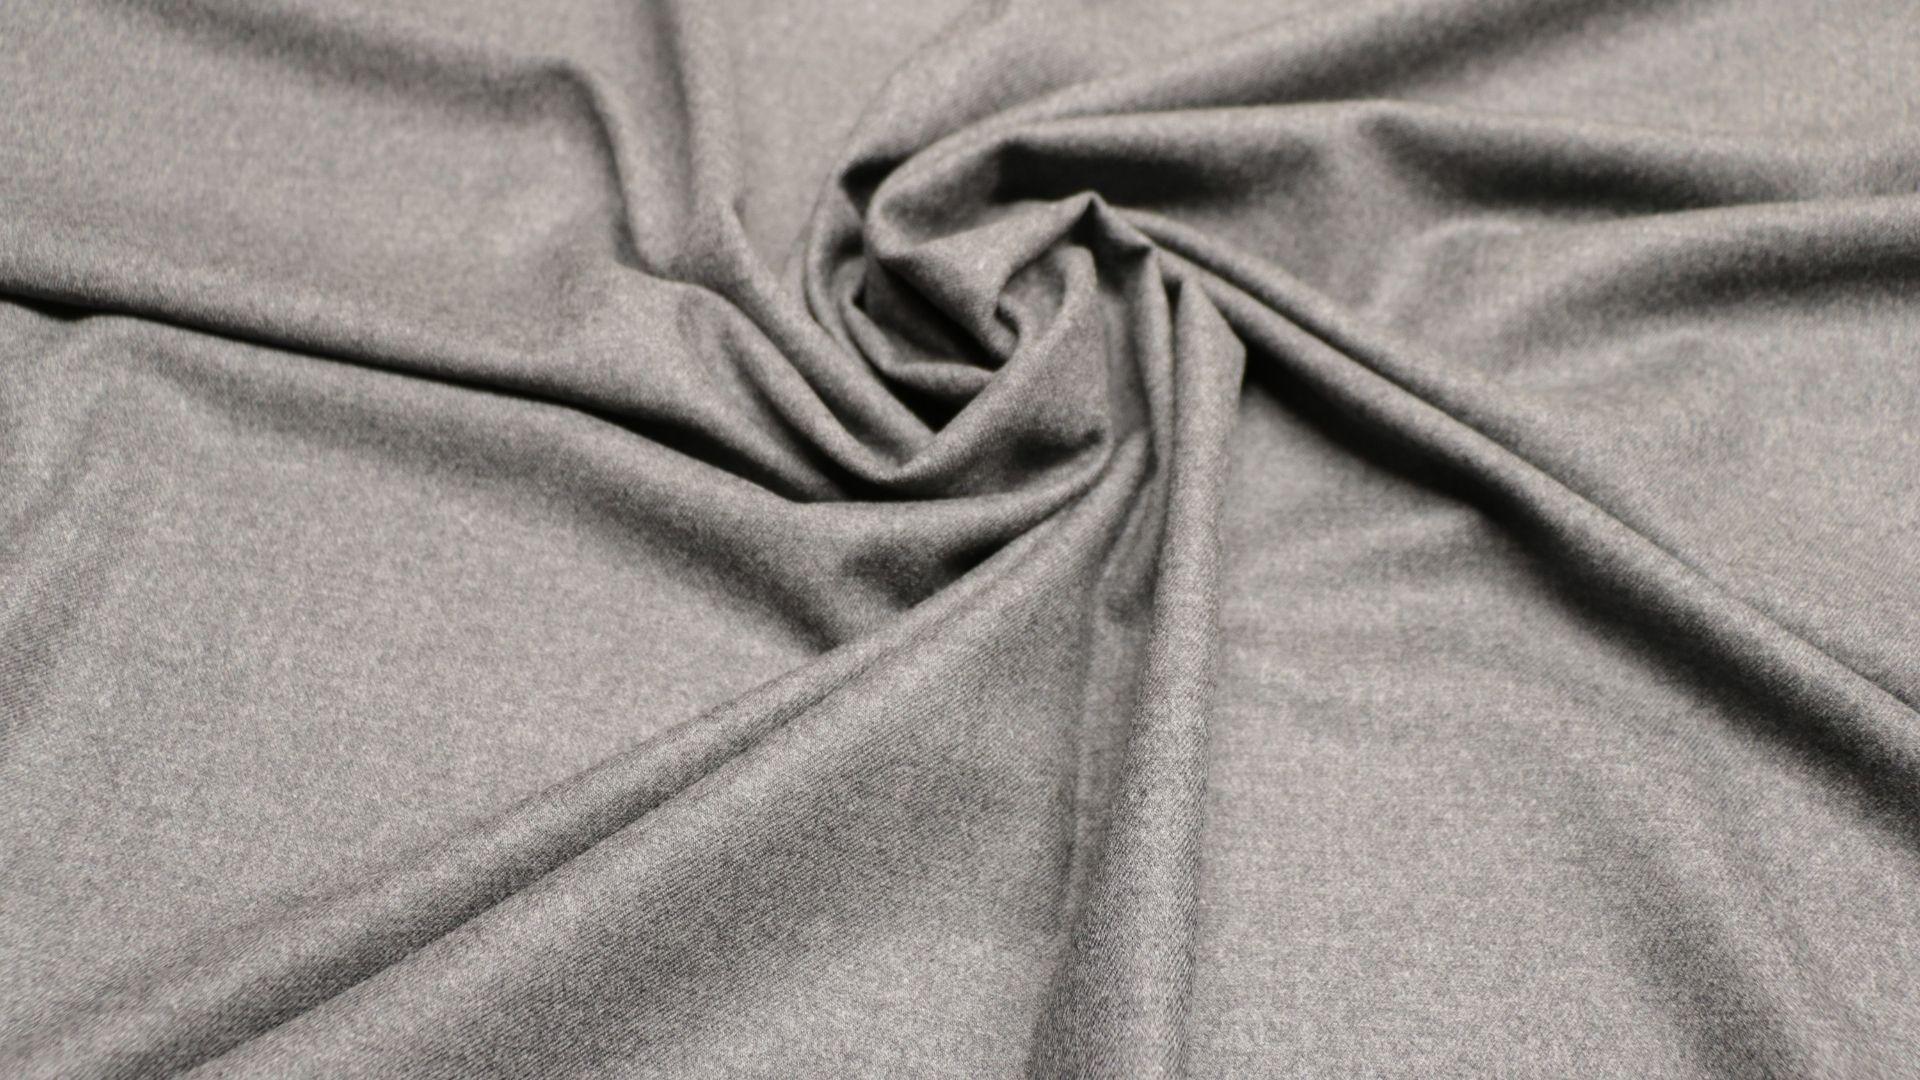 il particolare del tessuto flavia, appartenente alla categoria uniti lana, di Leadford & Logan